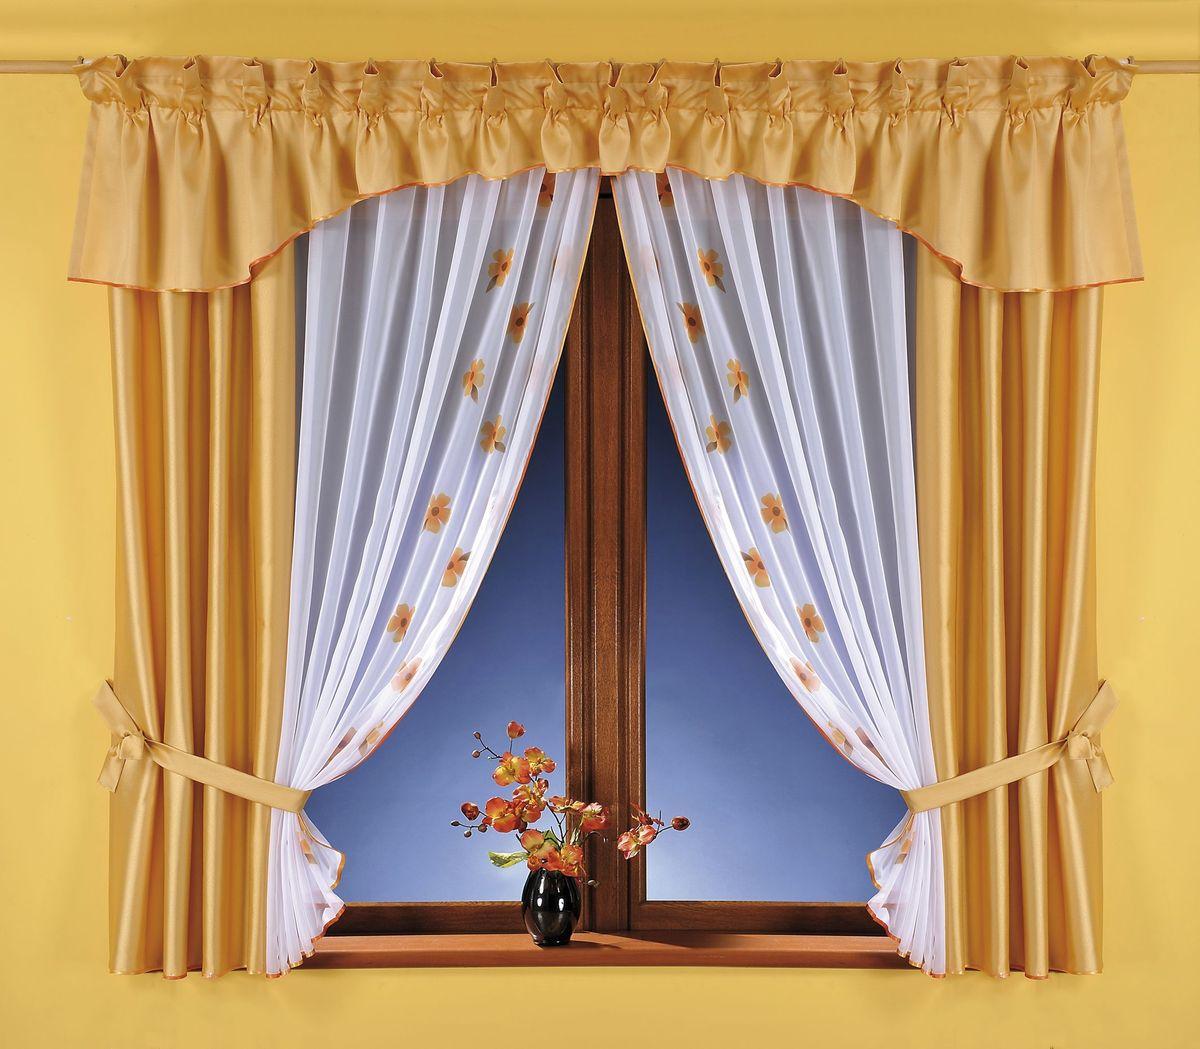 Комплект штор Wisan Swietlana, на ленте, цвет: золотистый, белый, высота 180 см5758Комплект штор Wisan Swietlana выполненный из полиэстера, великолепно украсит любое окно. Комплект состоит из 2 штор, тюля, ламбрекена и 2 подхватов. Тюль выполнен из органзы и украшен цветочным принтом, шторы изготовлены из плотного полиэстера. Оригинальный дизайн и контрастная цветовая гамма привлекут к себе внимание и органично впишутся в интерьер комнаты. Все предметы комплекта оснащены шторной лентой для красивой драпировки. В комплект входит: Штора - 2 шт. Размер (ШхВ): 80 см х 180 см. Тюль - 1 шт. Размер (ШхВ): 160 см х 180 см. Ламбрекен - 1 шт. Размер (ШхВ): 500 см х 50 см. Подхваты - 2 шт. Фирма Wisan на польском рынке существует уже более пятидесяти лет и является одной из лучших польских фабрик по производству штор и тканей. Ассортимент фирмы представлен готовыми комплектами штор для гостиной, детской, кухни, а также текстилем для кухни (скатерти, салфетки, дорожки, кухонные занавески). Модельный ряд отличает...